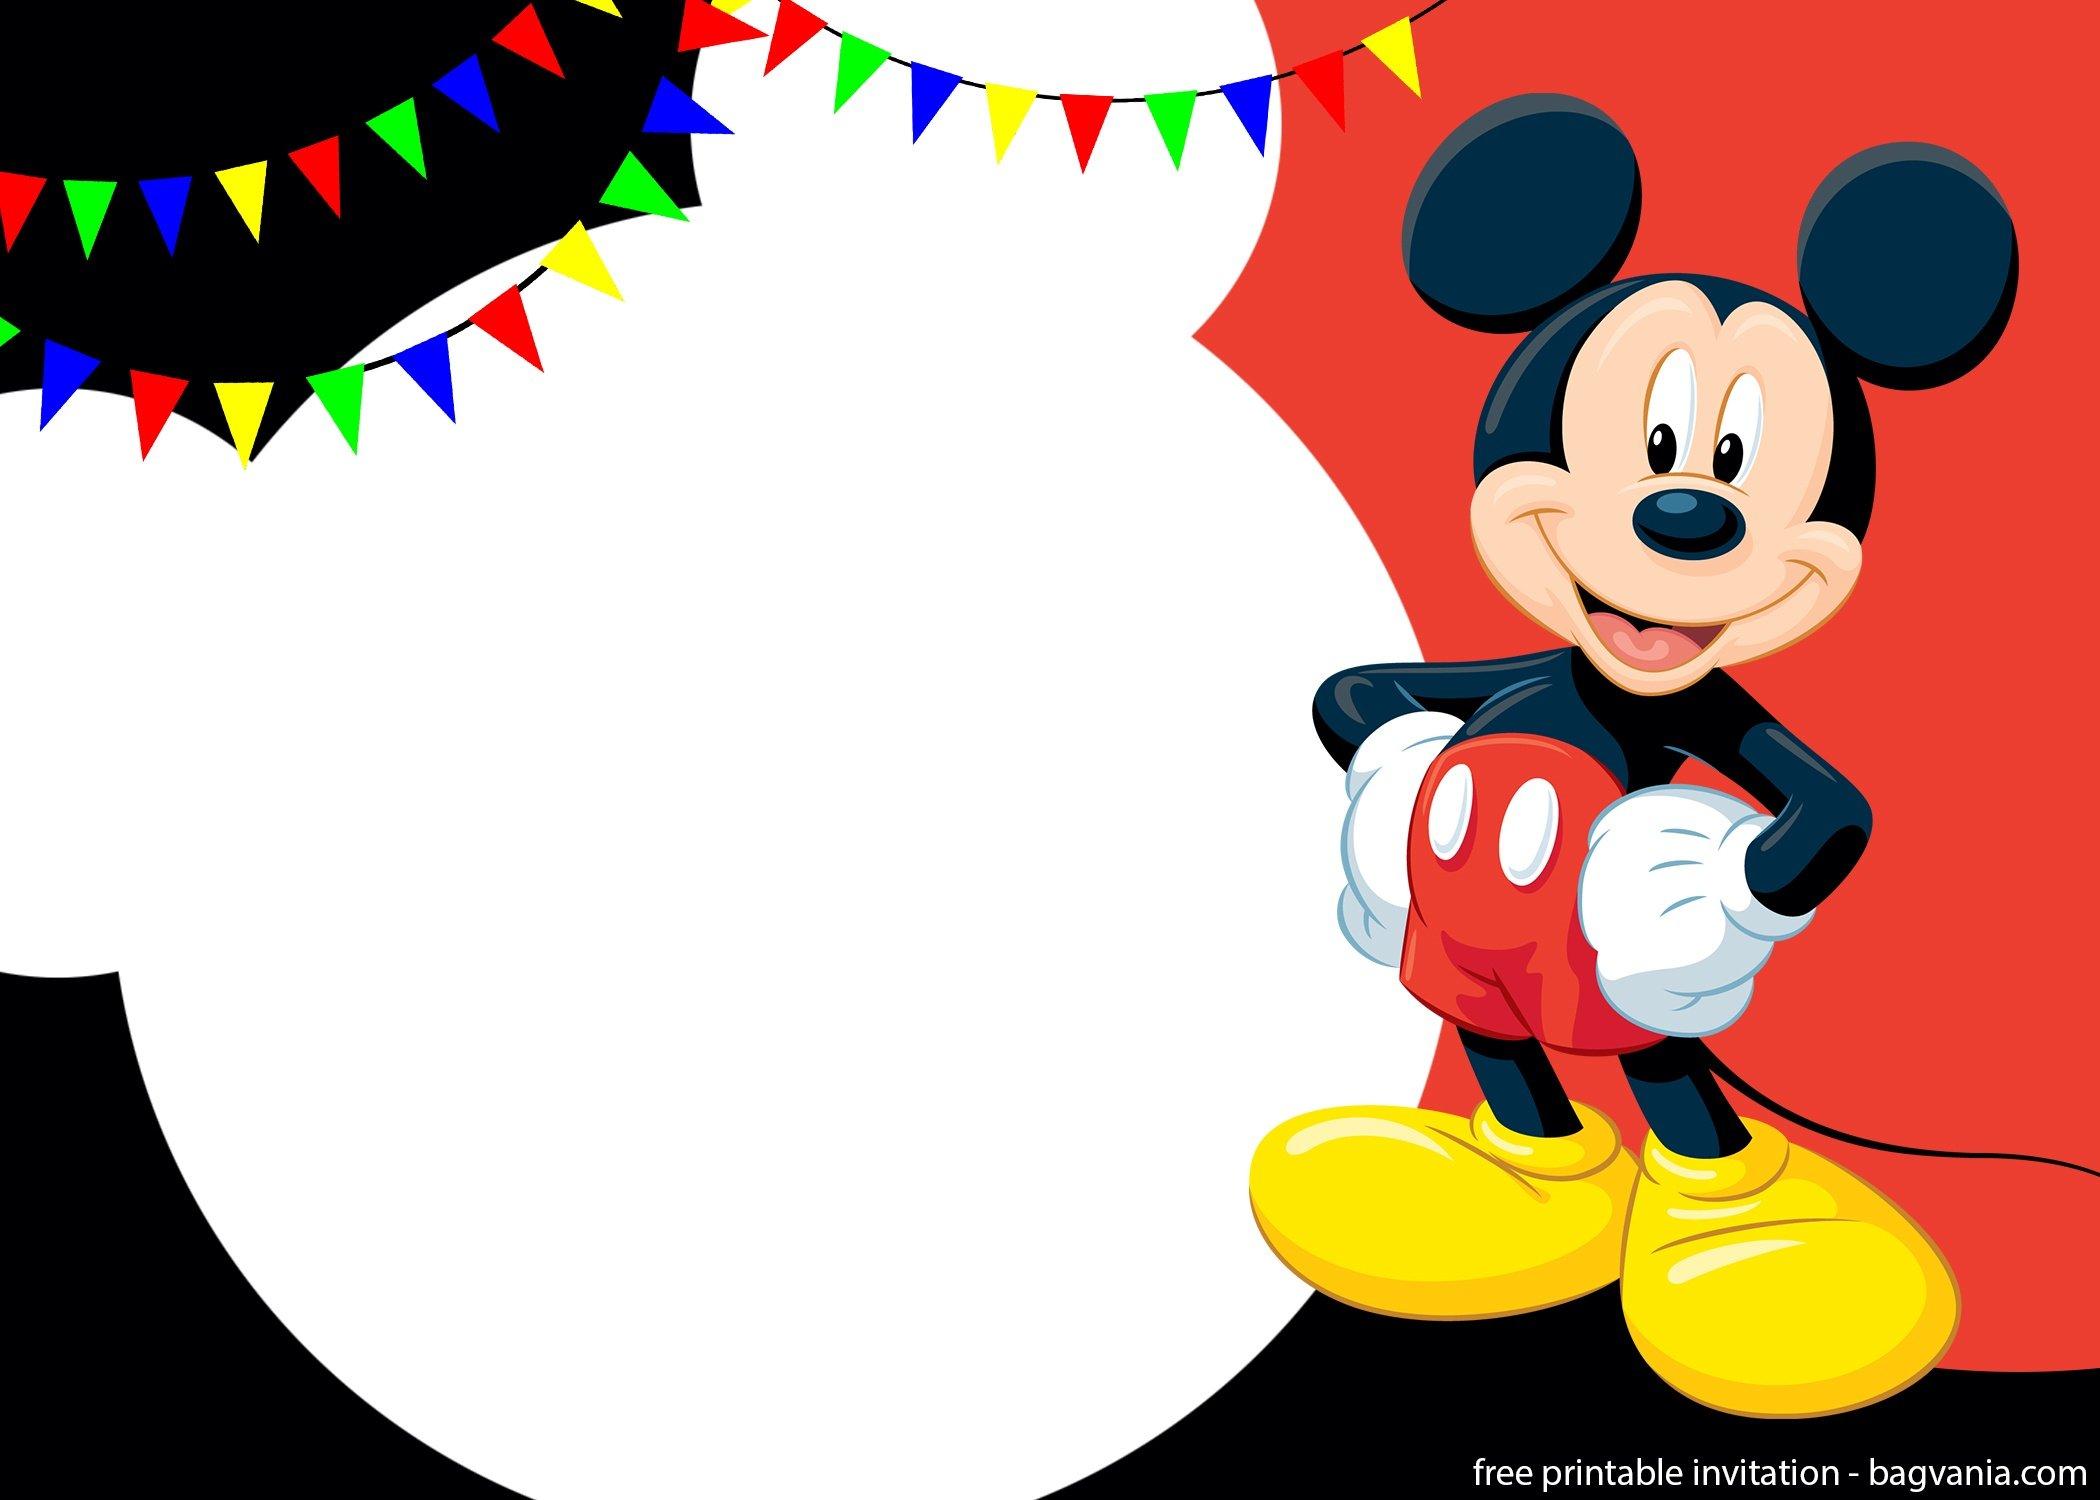 MickeyMouseBirthdayPartyInvitation.jpg (2100×1500